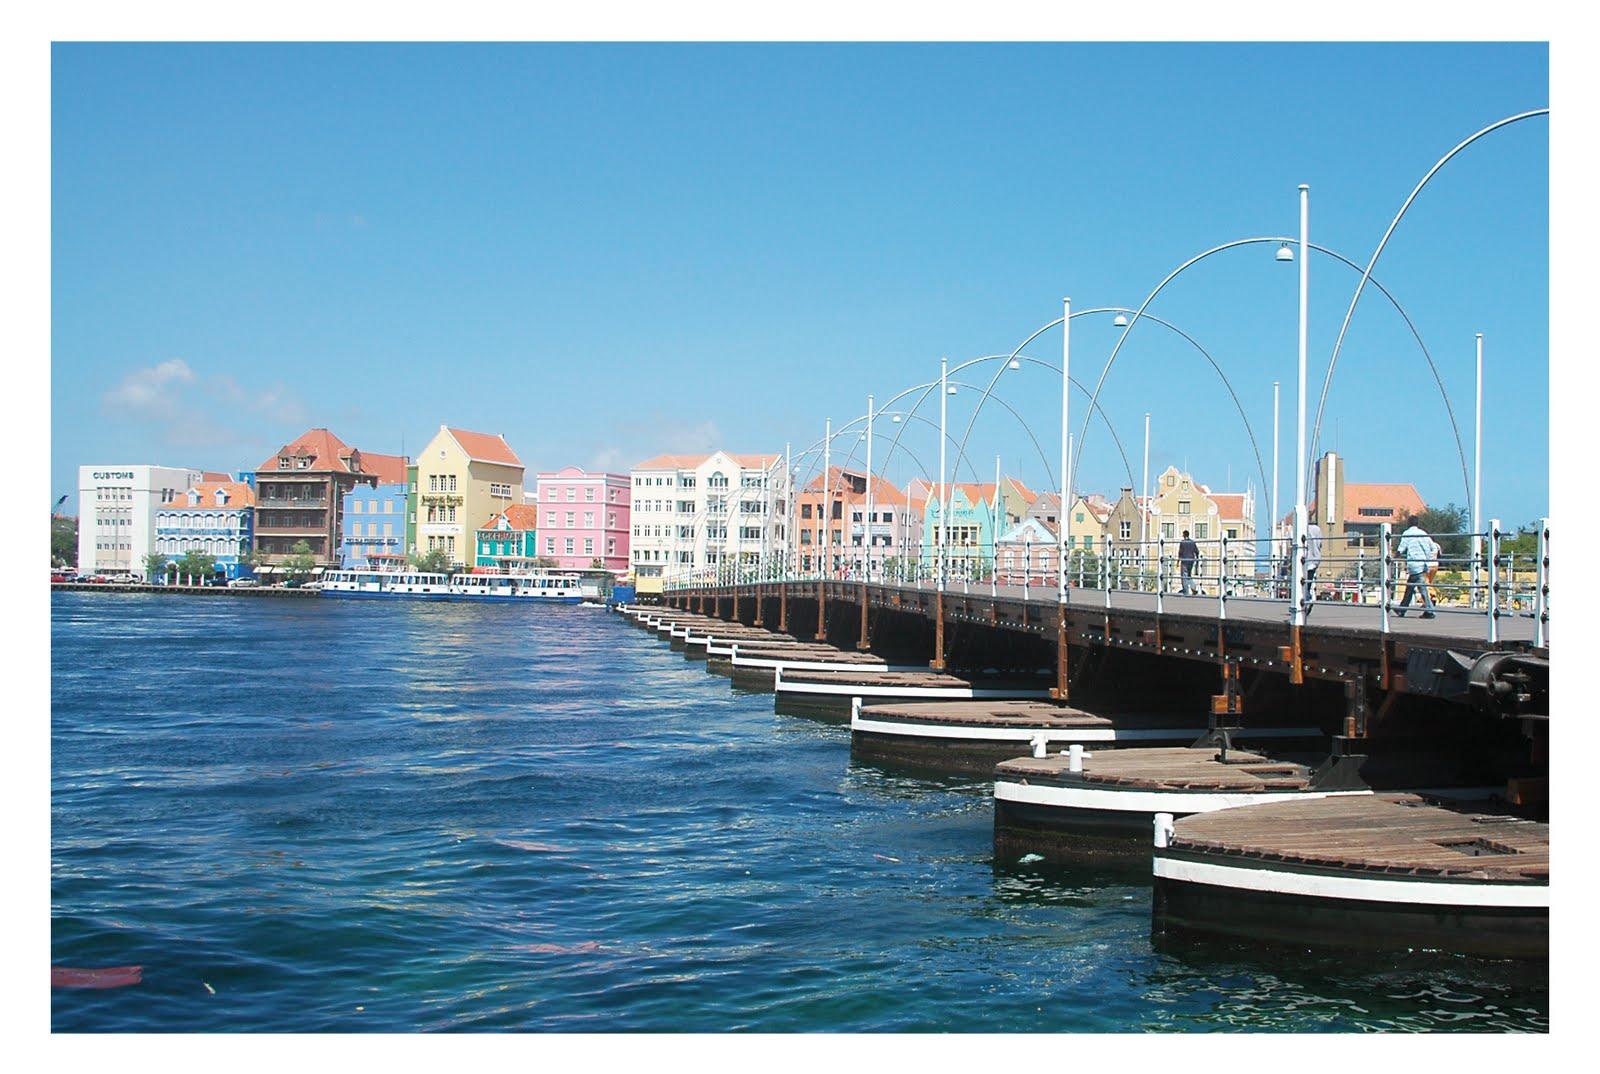 http://2.bp.blogspot.com/-Ojakr6QfHtE/TmZVl3f63gI/AAAAAAAAGxQ/kSDckfhV0og/s1600/Willemstad.jpg